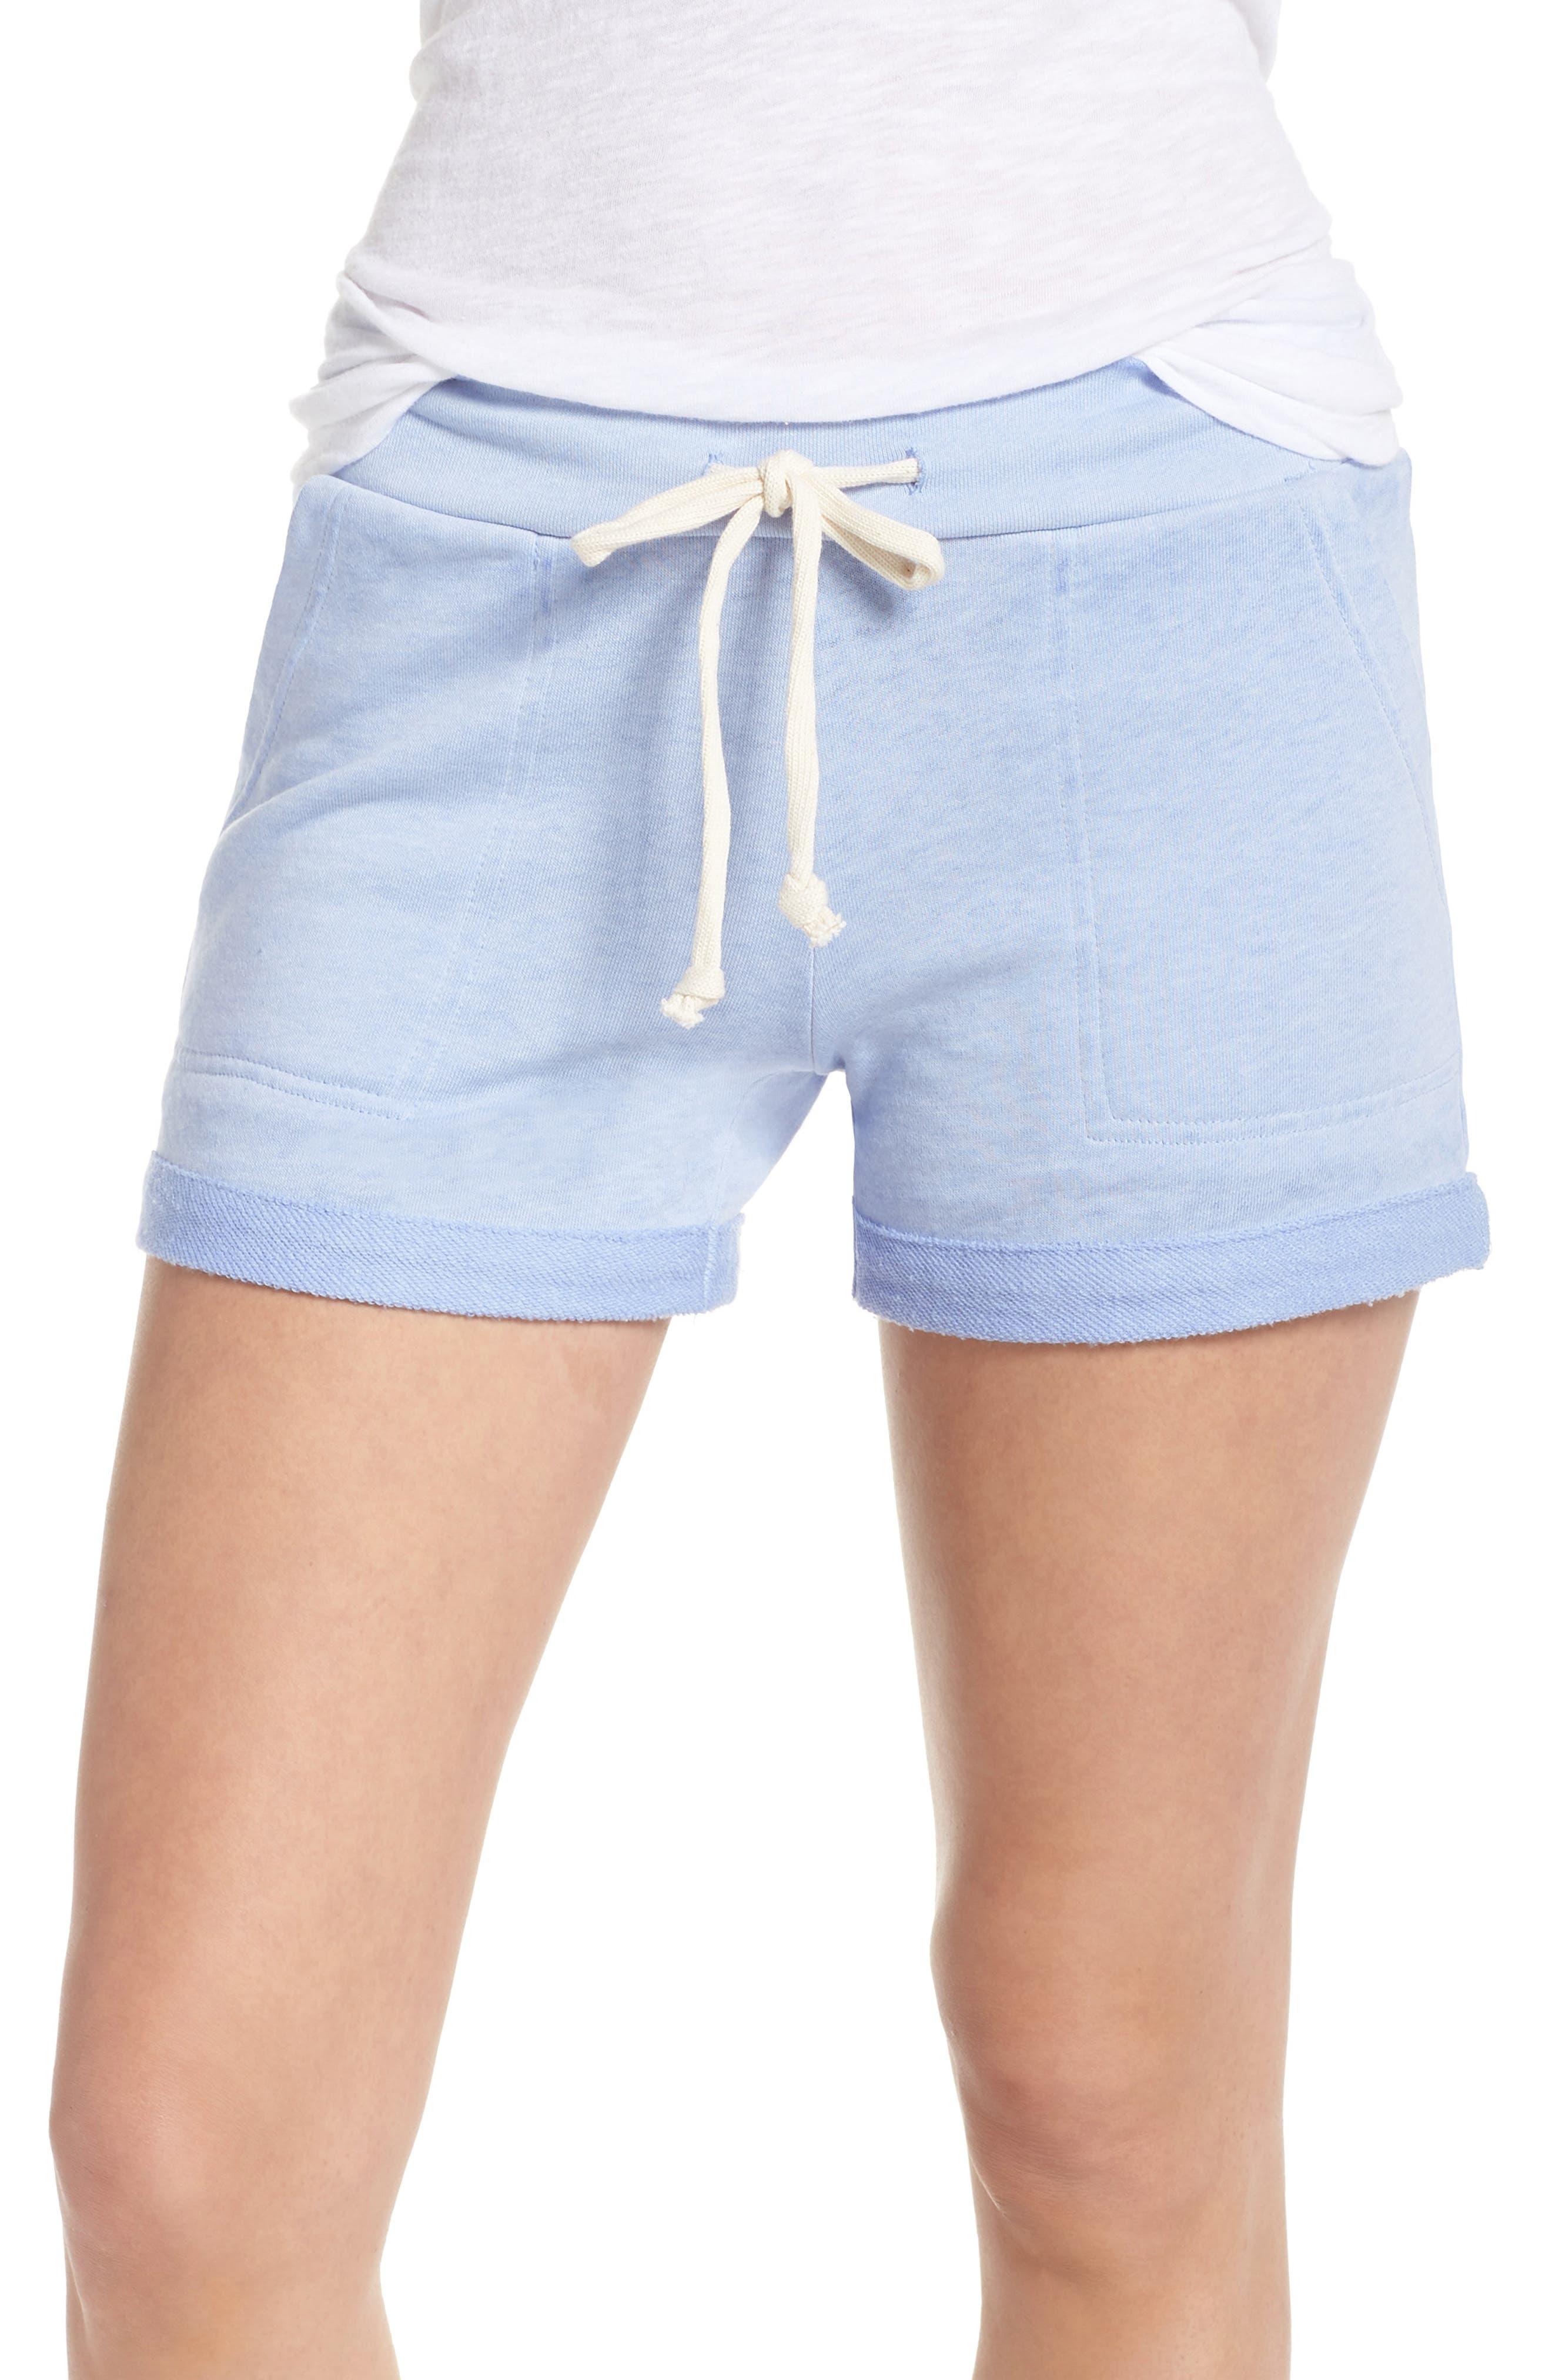 Lounge Shorts,                         Main,                         color, Lavender Lustre